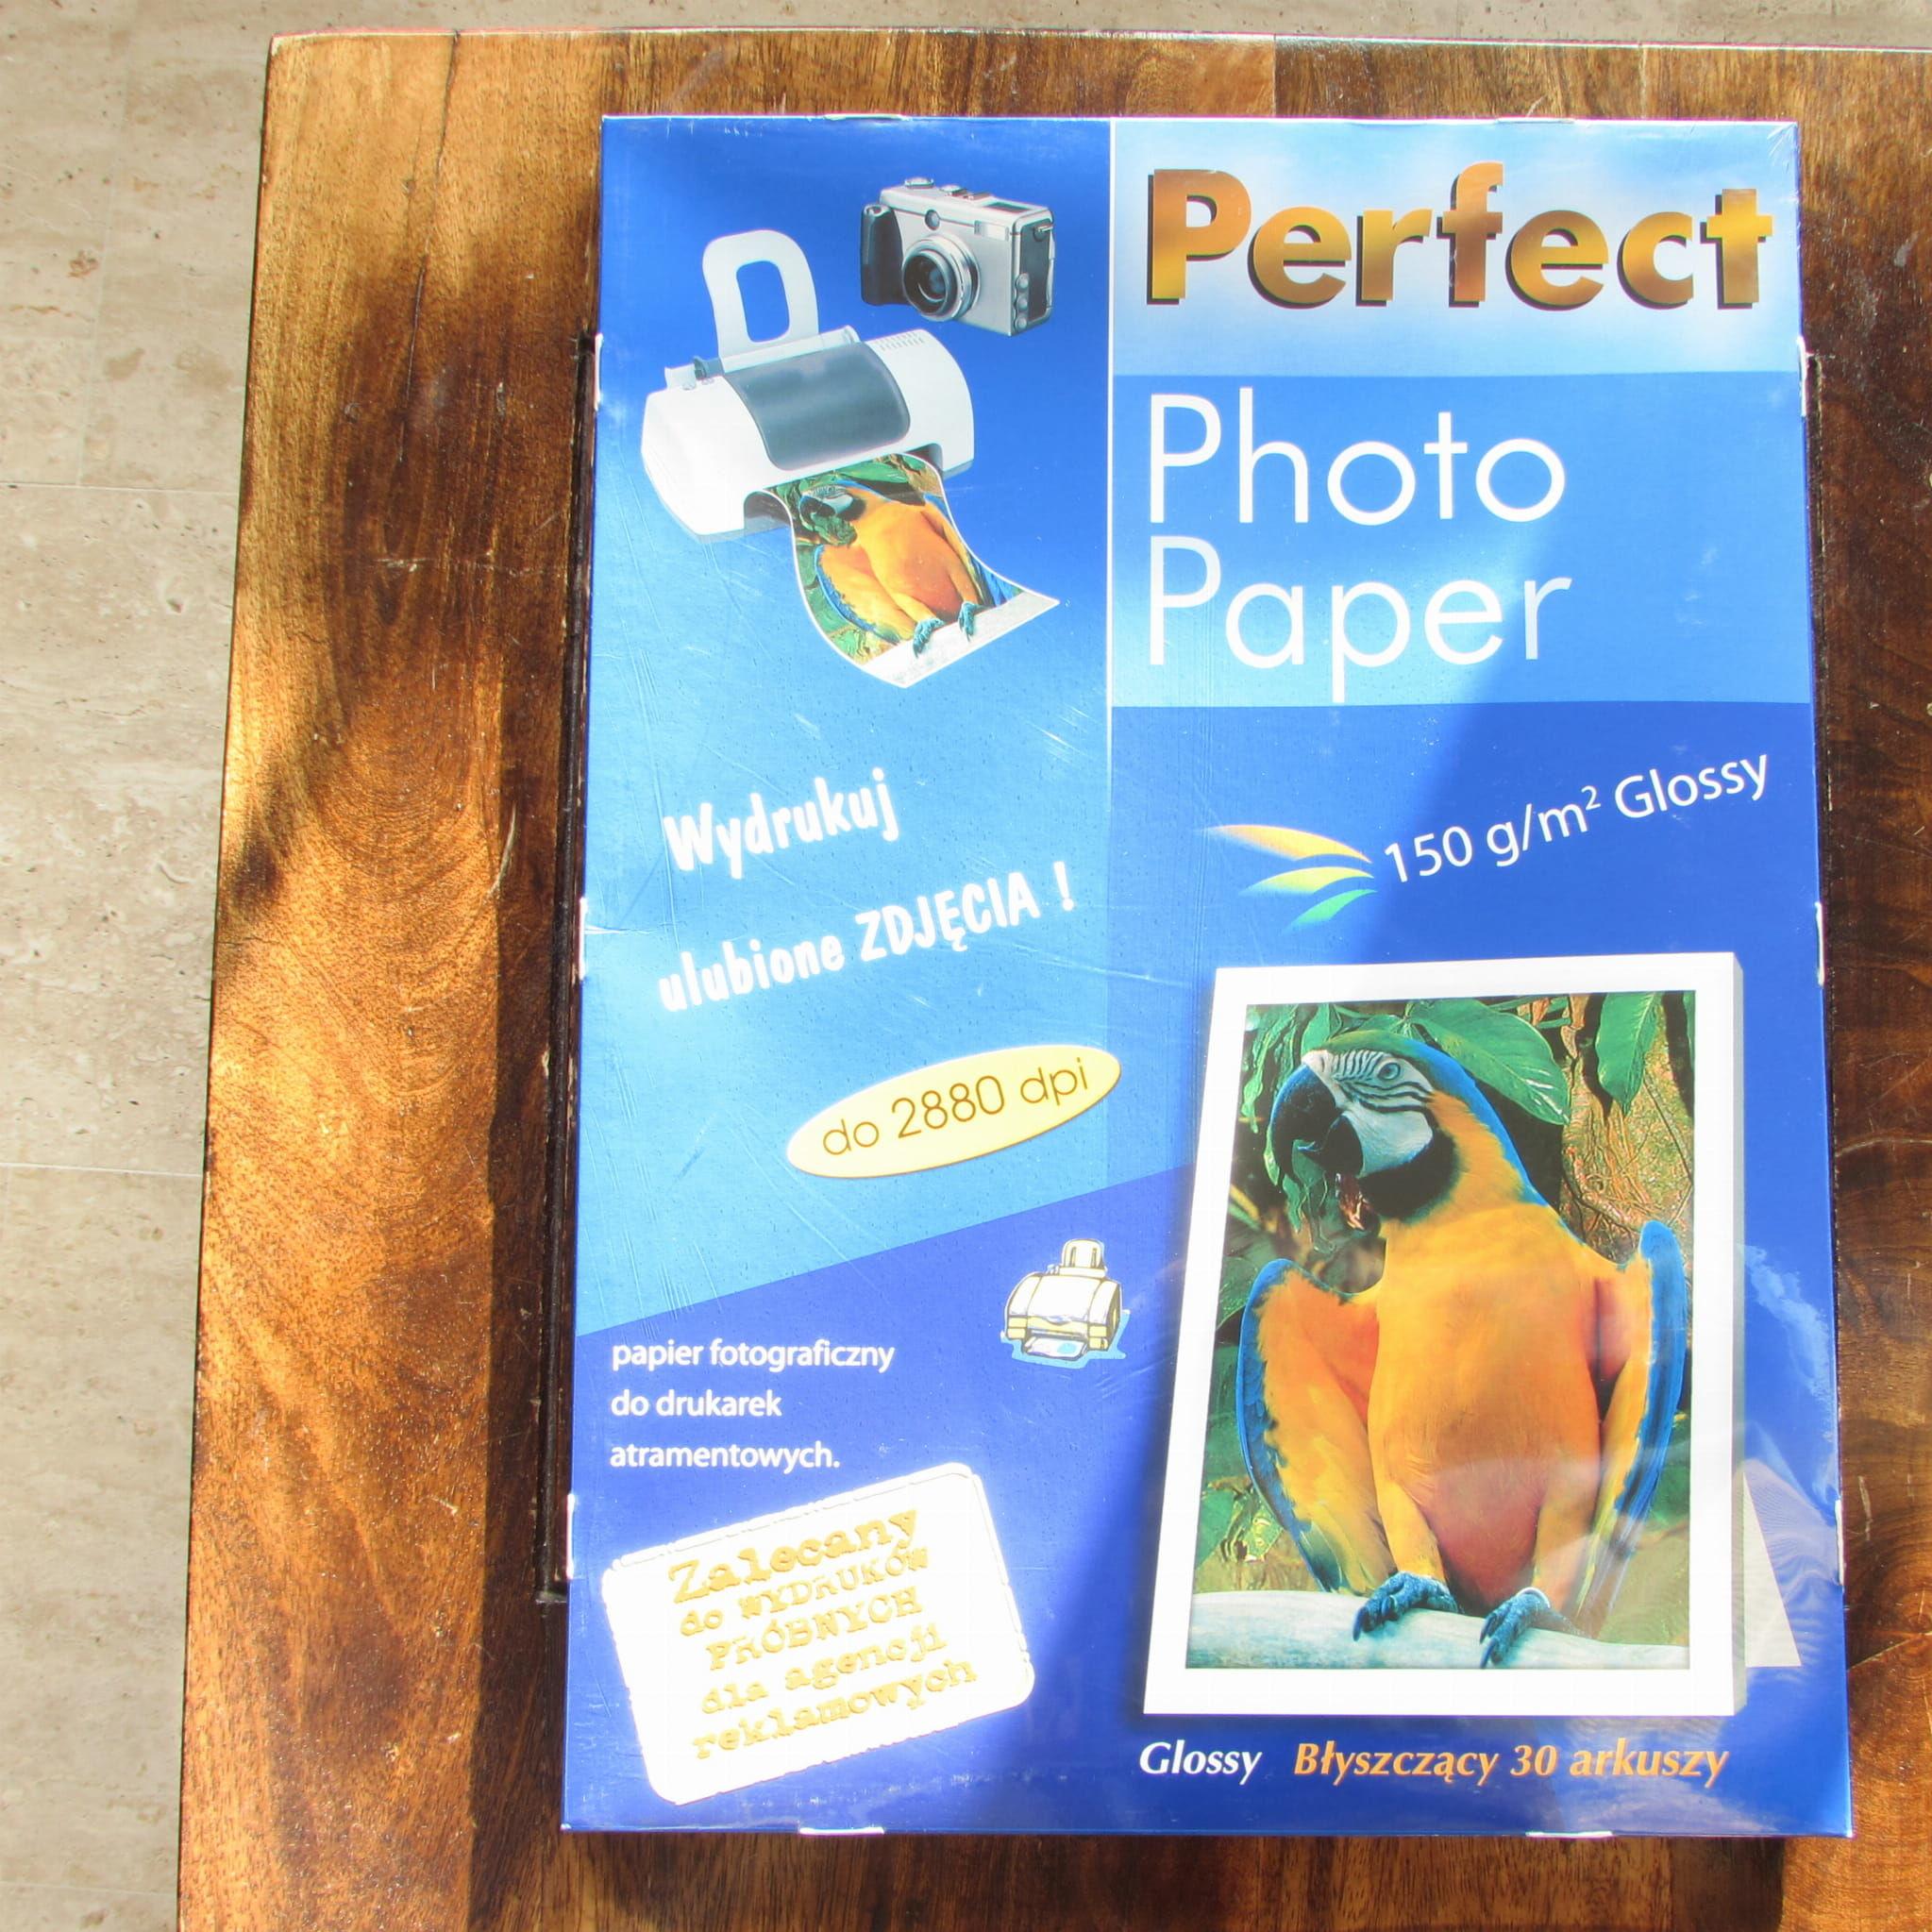 Papier fotograficzny Gloss Perfect Photo (biała) 150g 42x29,7 cm, w paczce 30ark przecena - 45%